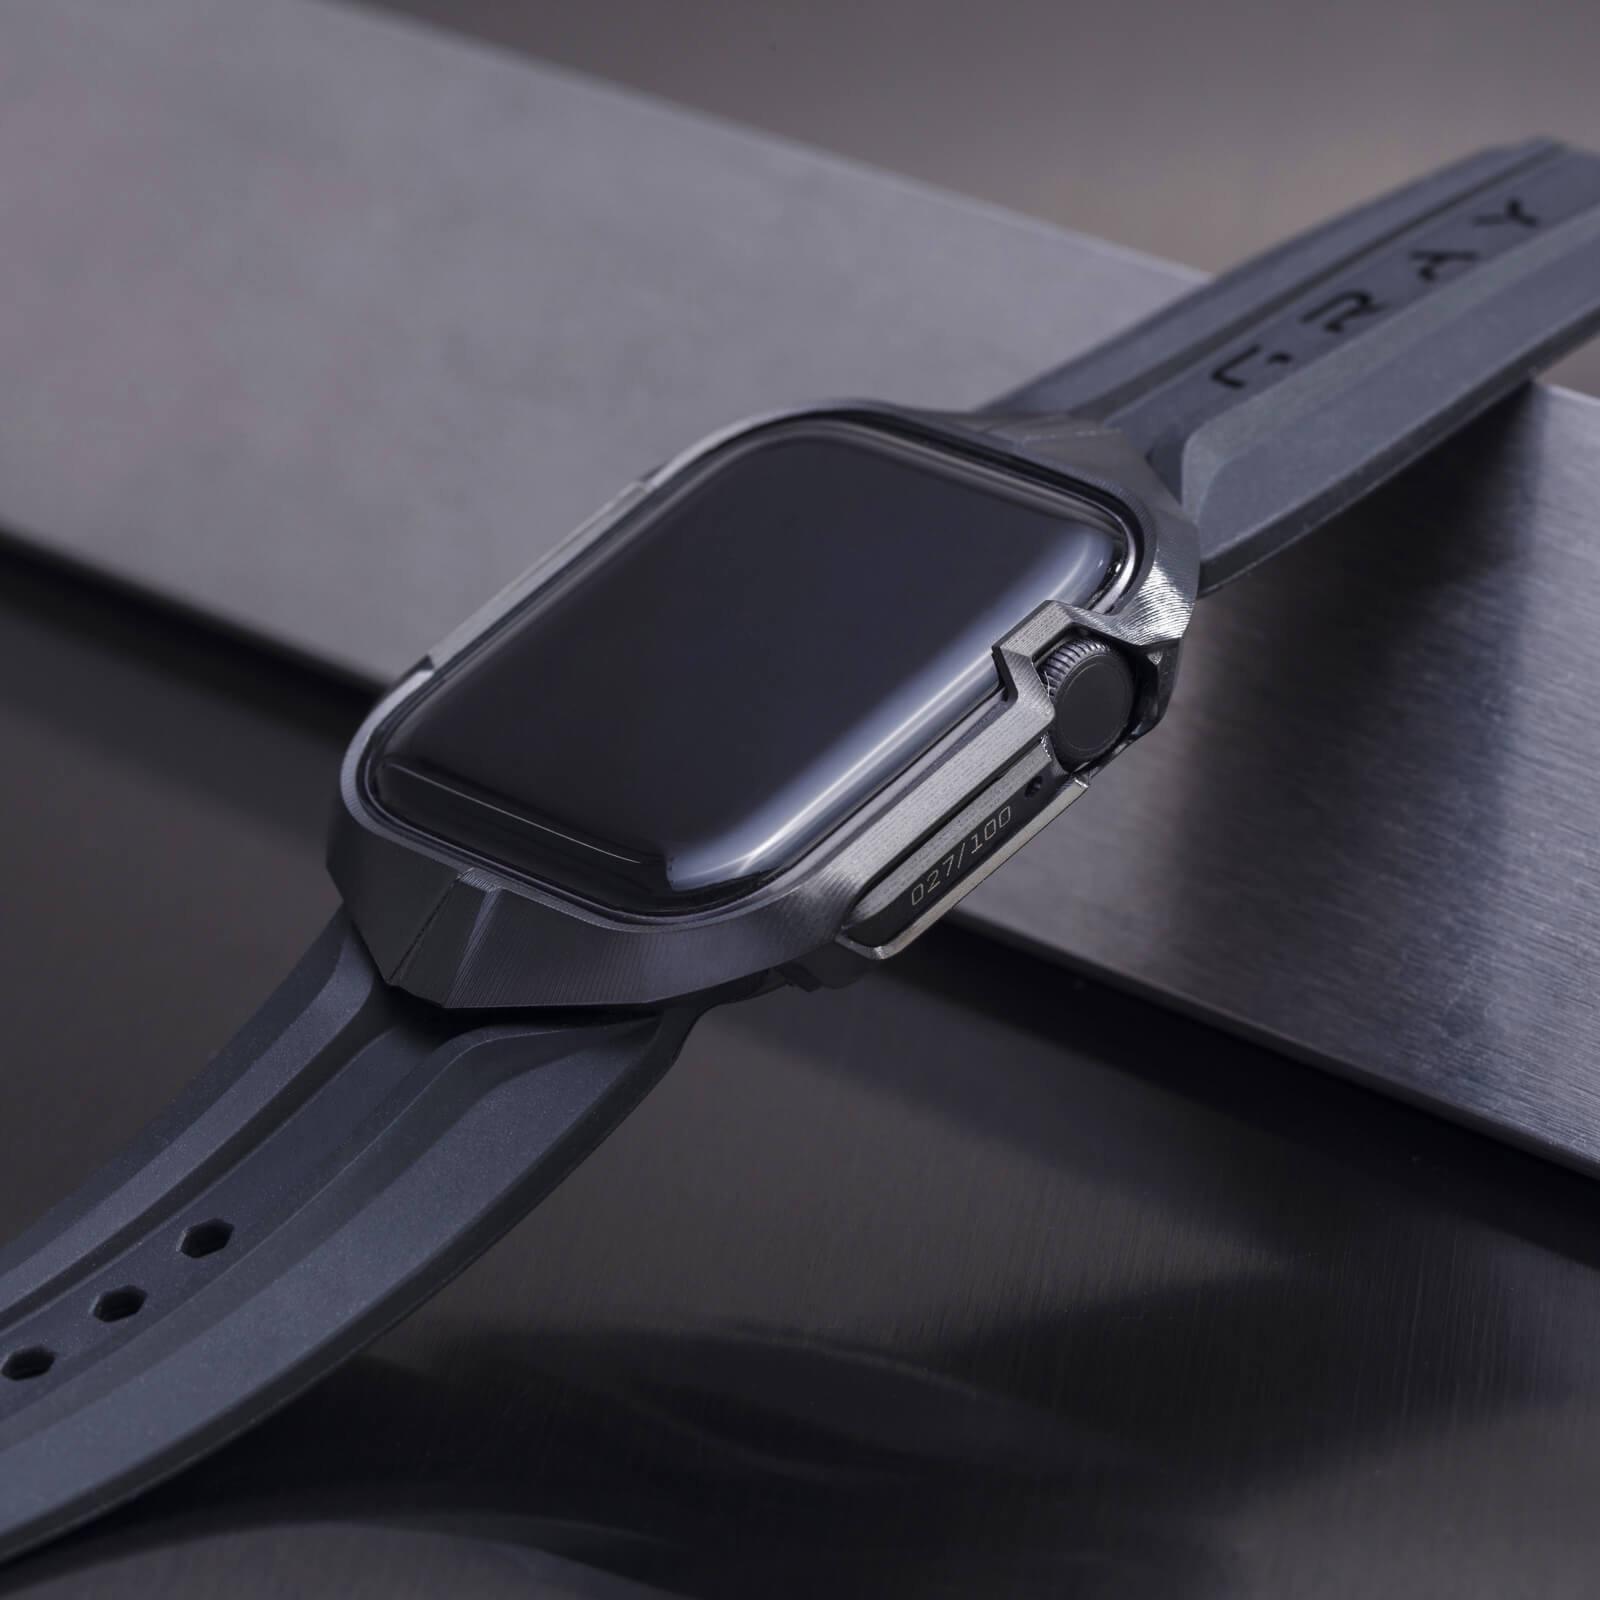 cyber watch stealth, luxury designer titanium black metal apple watch case